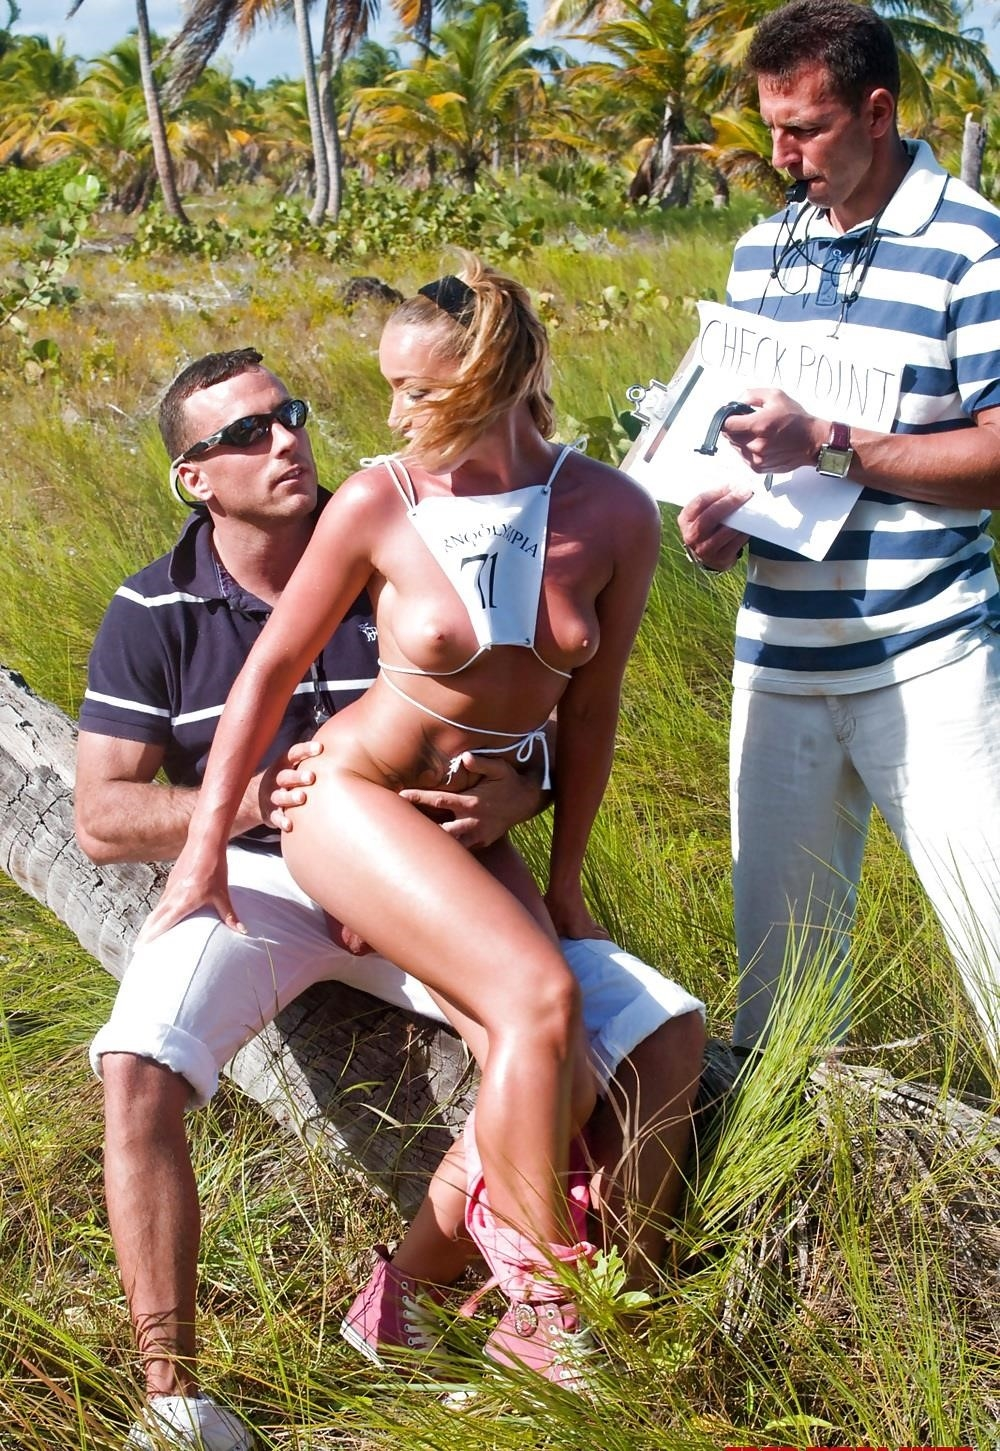 Hot outdoor porn pics-6102